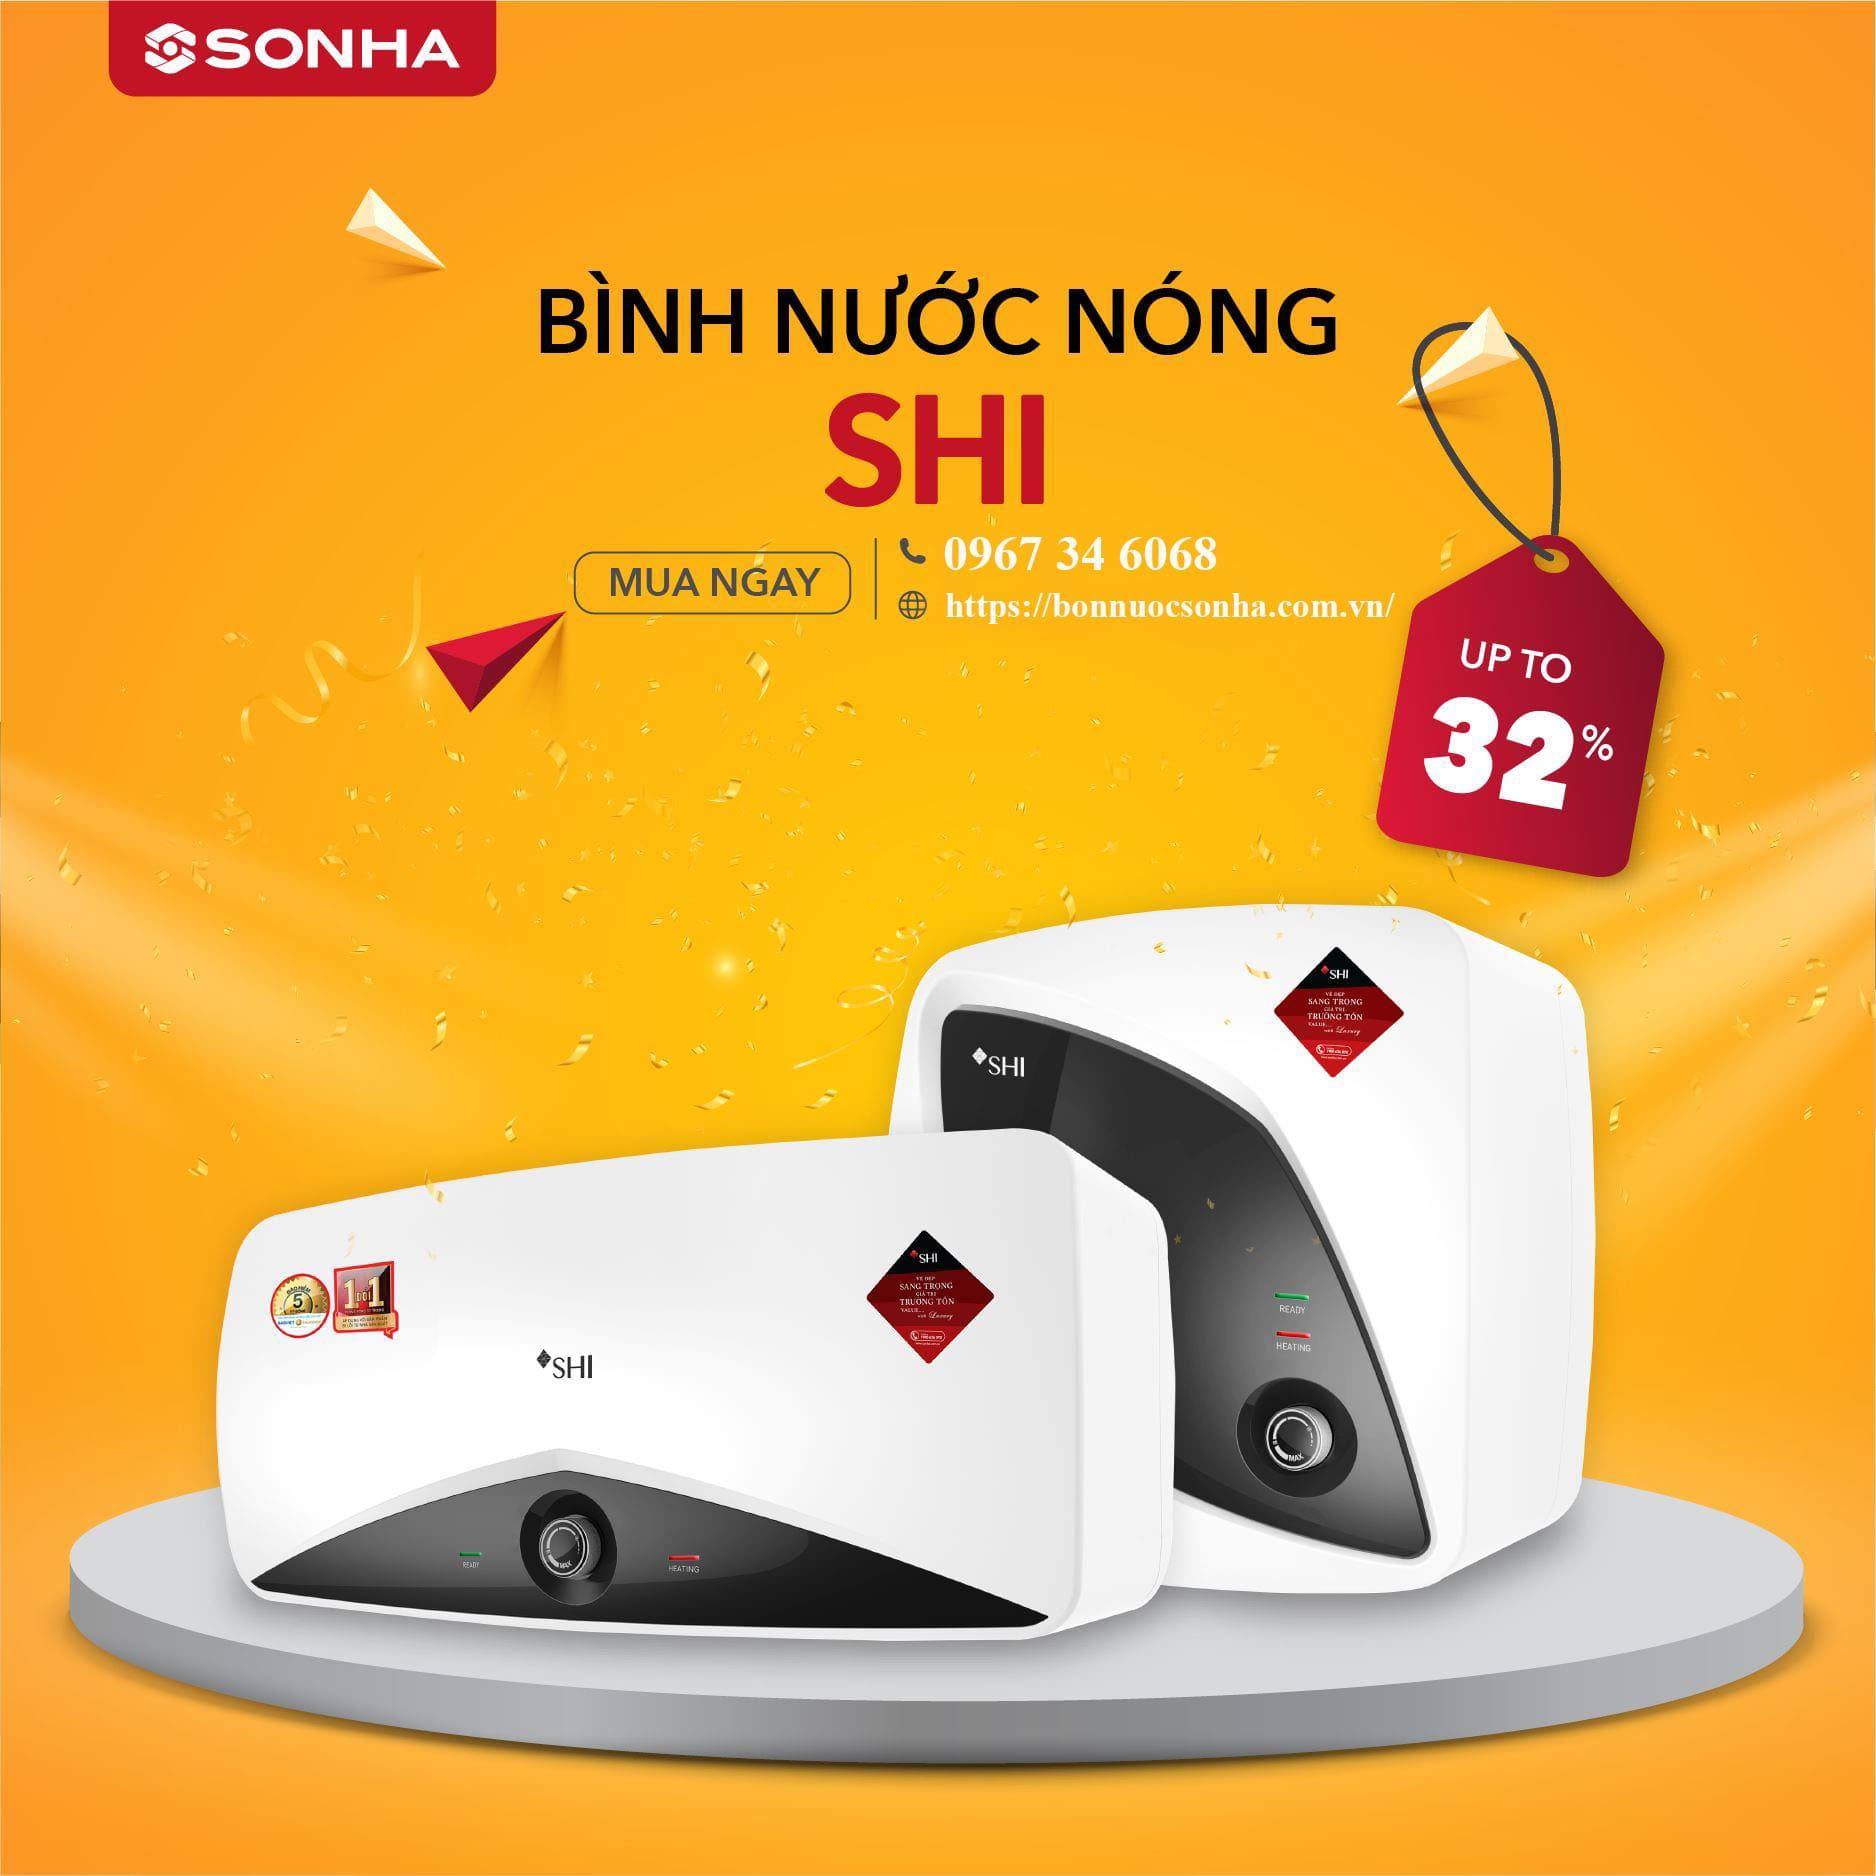 Khuyen Mai Binh Nuoc Nong Son Ha Sale Shi Min